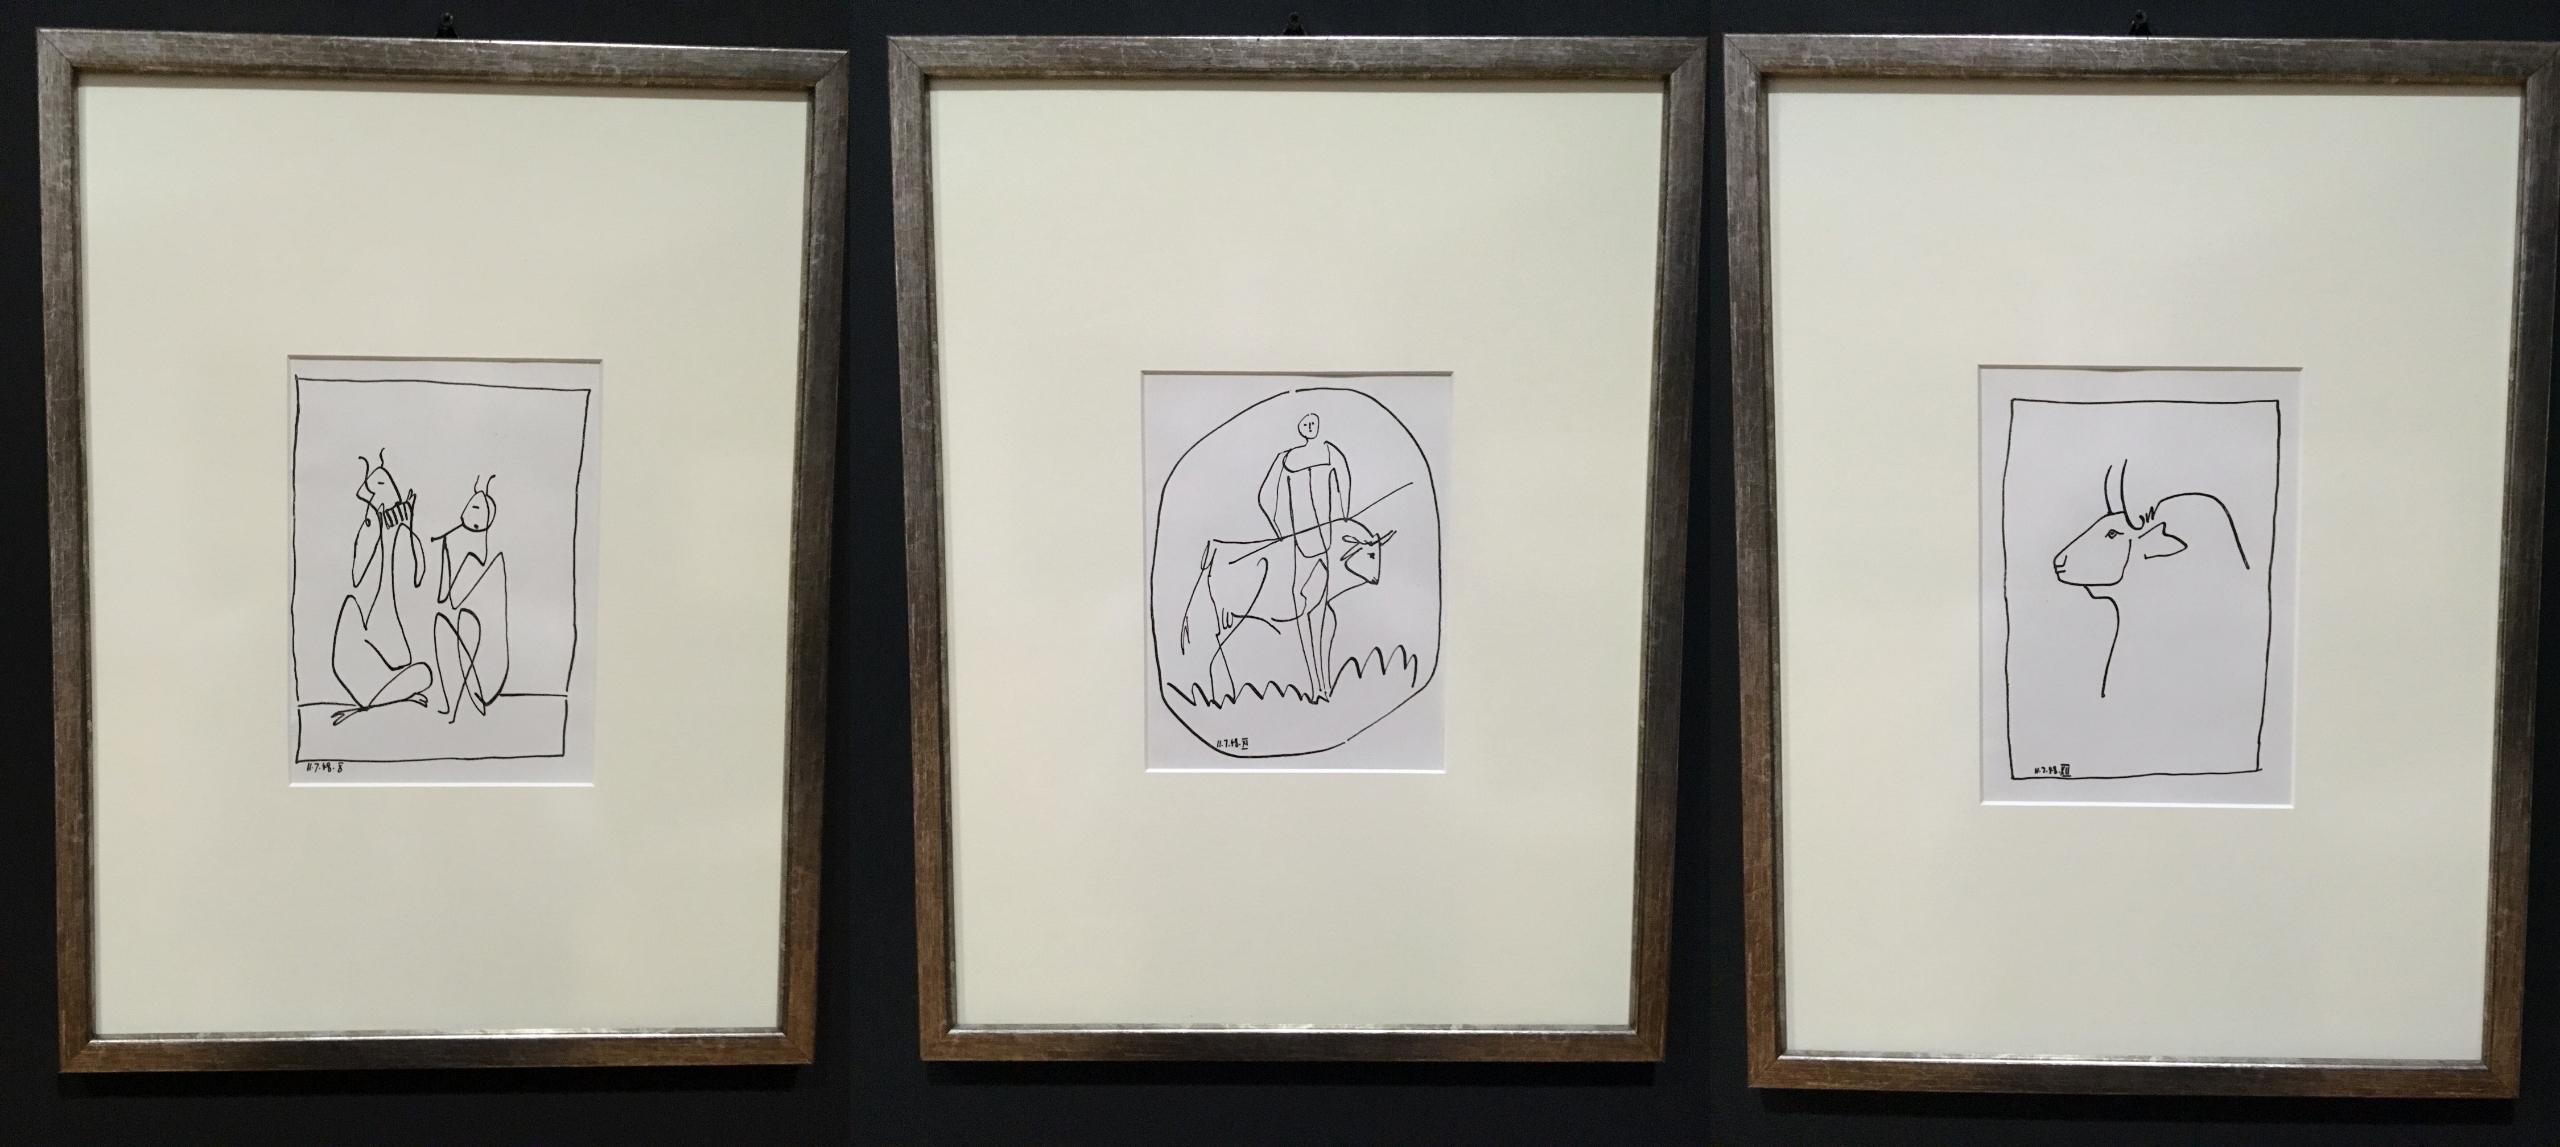 Zdjęcie przedstawia trzy rysunki oprawione w ramki, na których widzimy ludzi grających na instrumentach, człowieka z bykiem i byka.